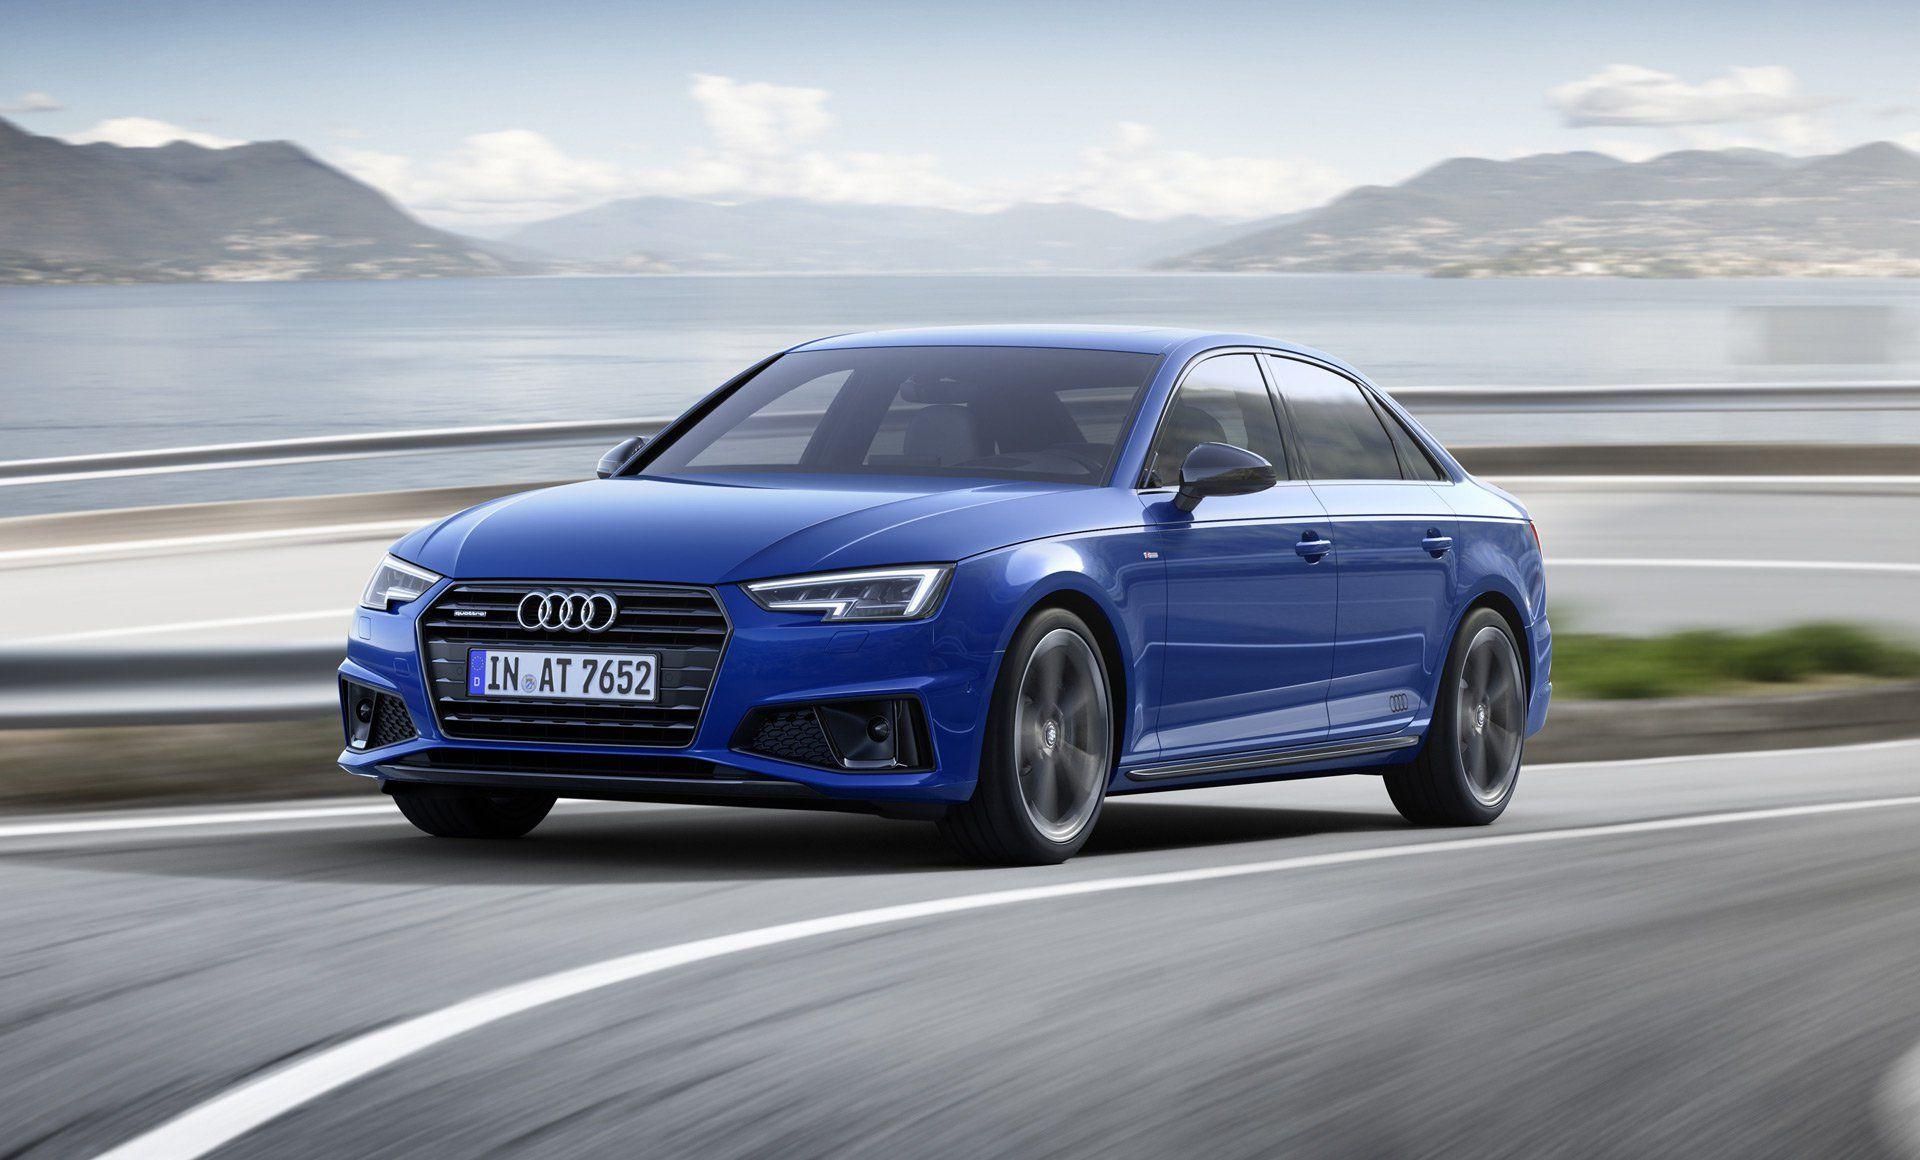 Luxury Audi A4 2016 in 2020 Audi a4, Audi s4, Audi